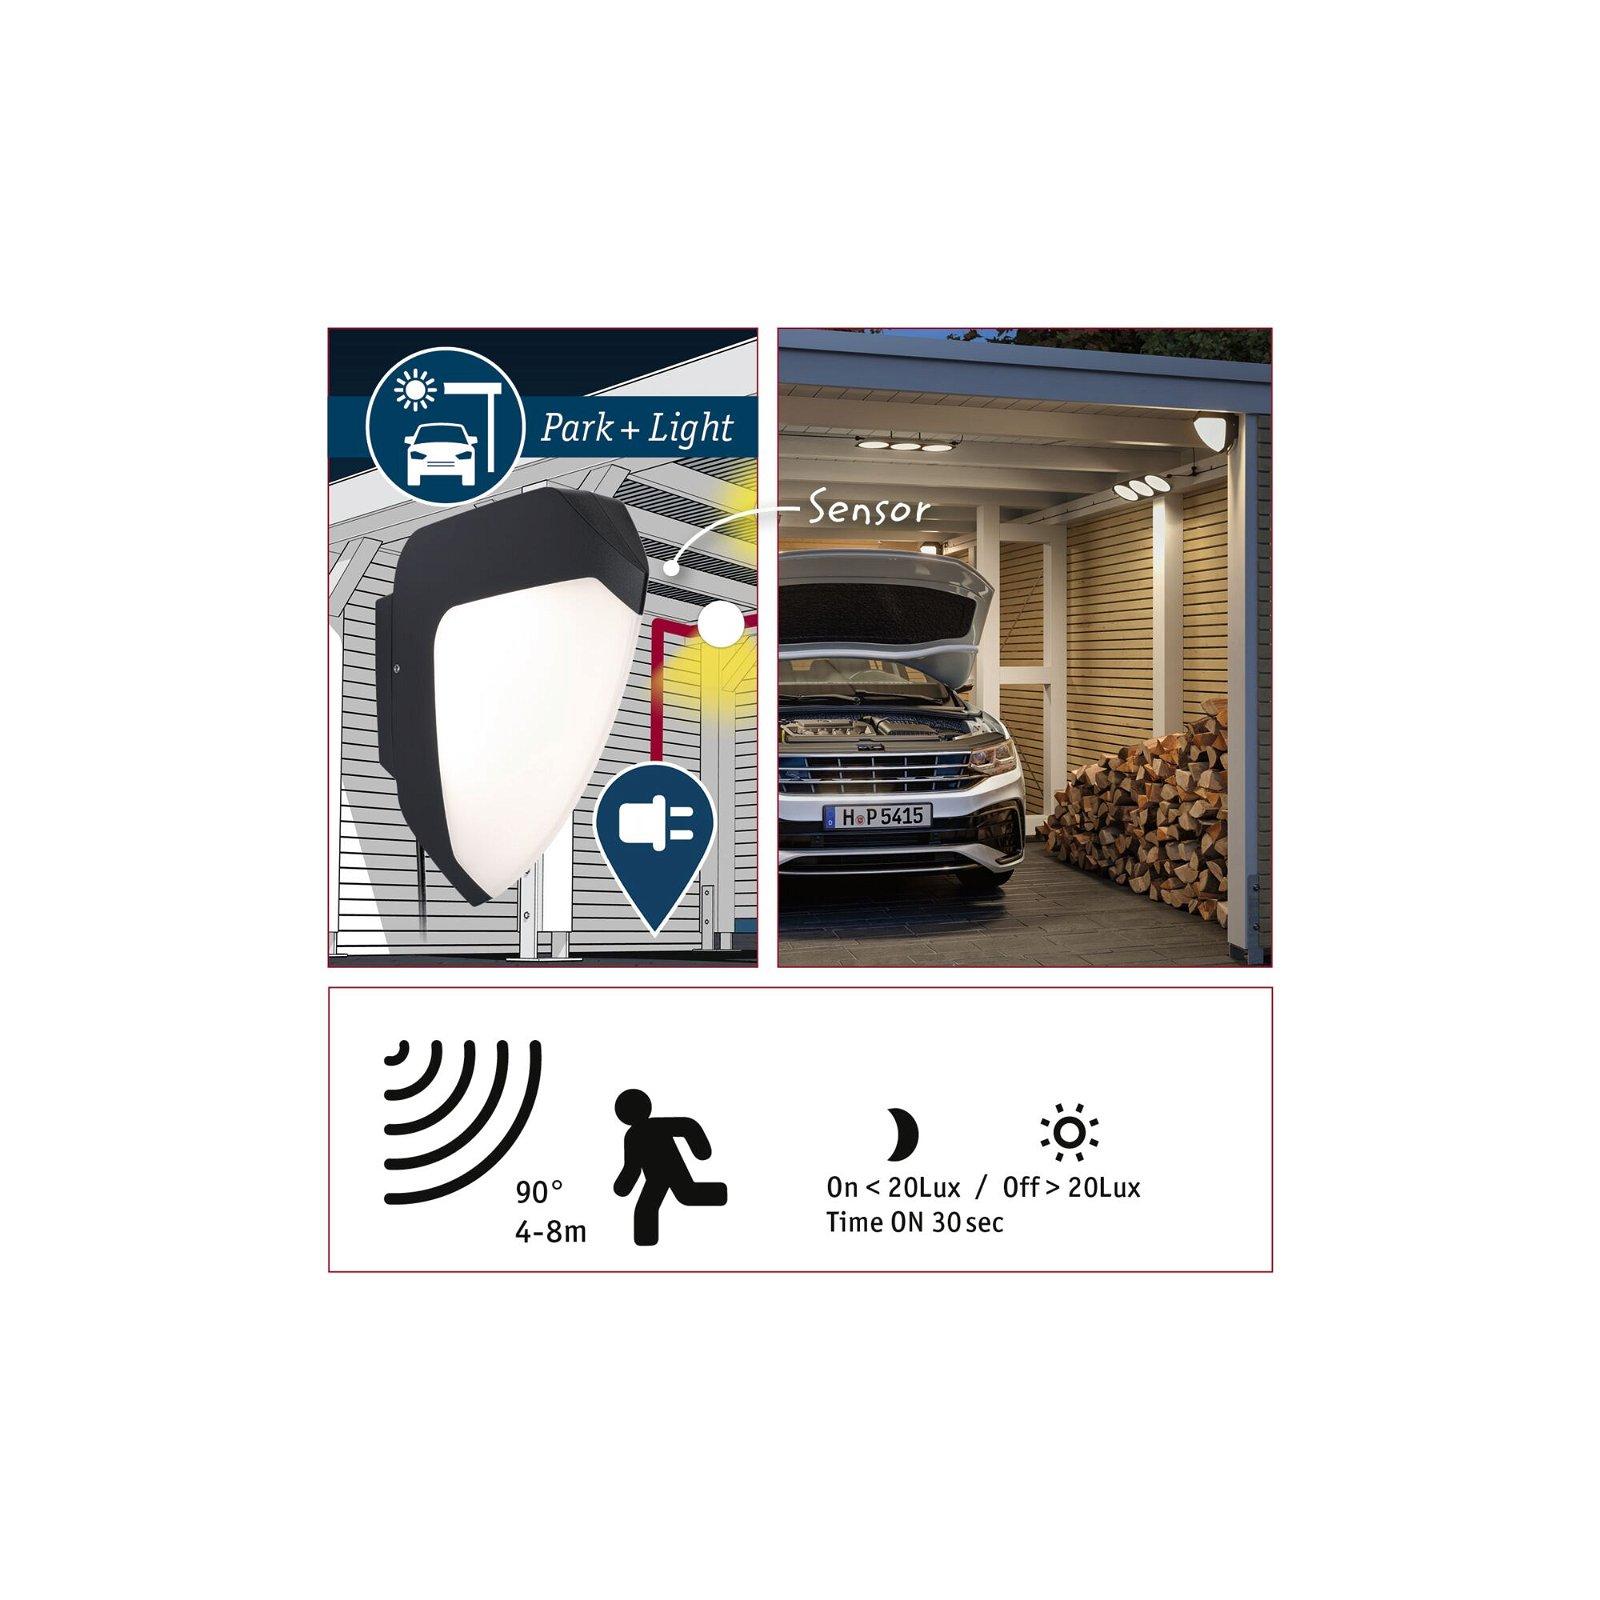 Park + Light LED-wandarmatuur voor buiten Ikosea incl. bewegingsmelder IP44 50x203mm 3000K 5,6W 300lm 12V Antraciet Kunststof